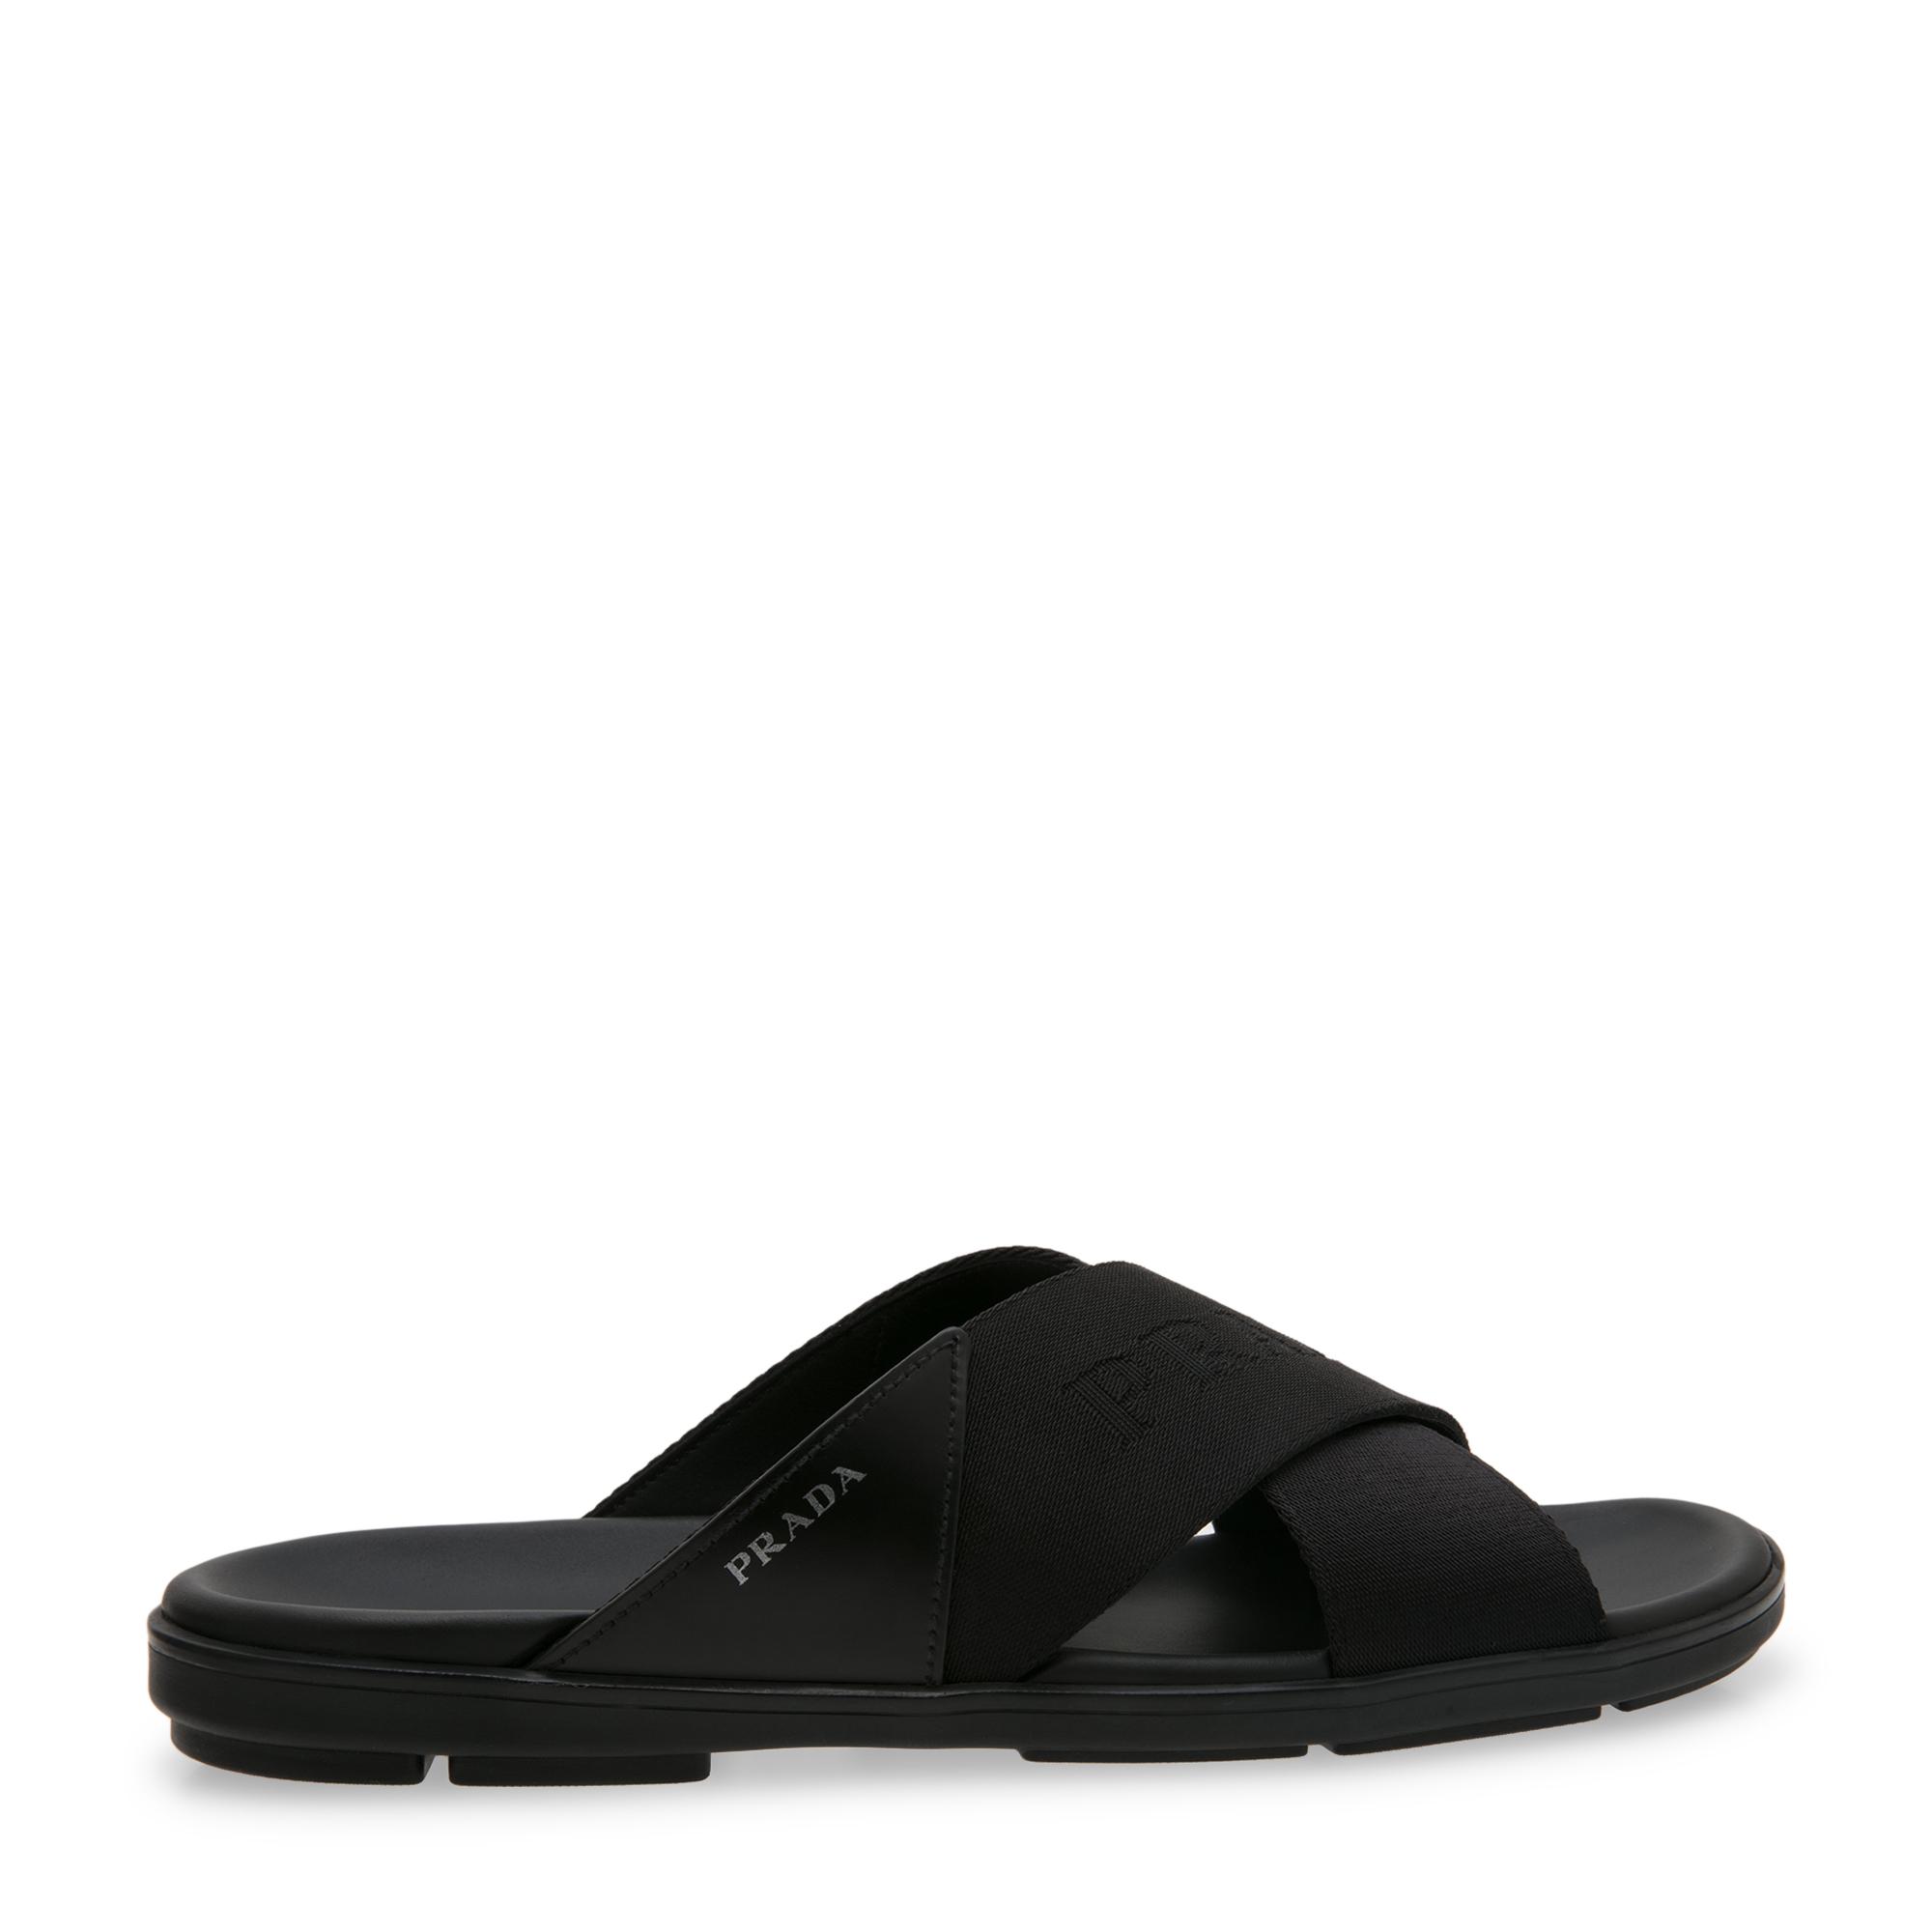 Cross-over sandals